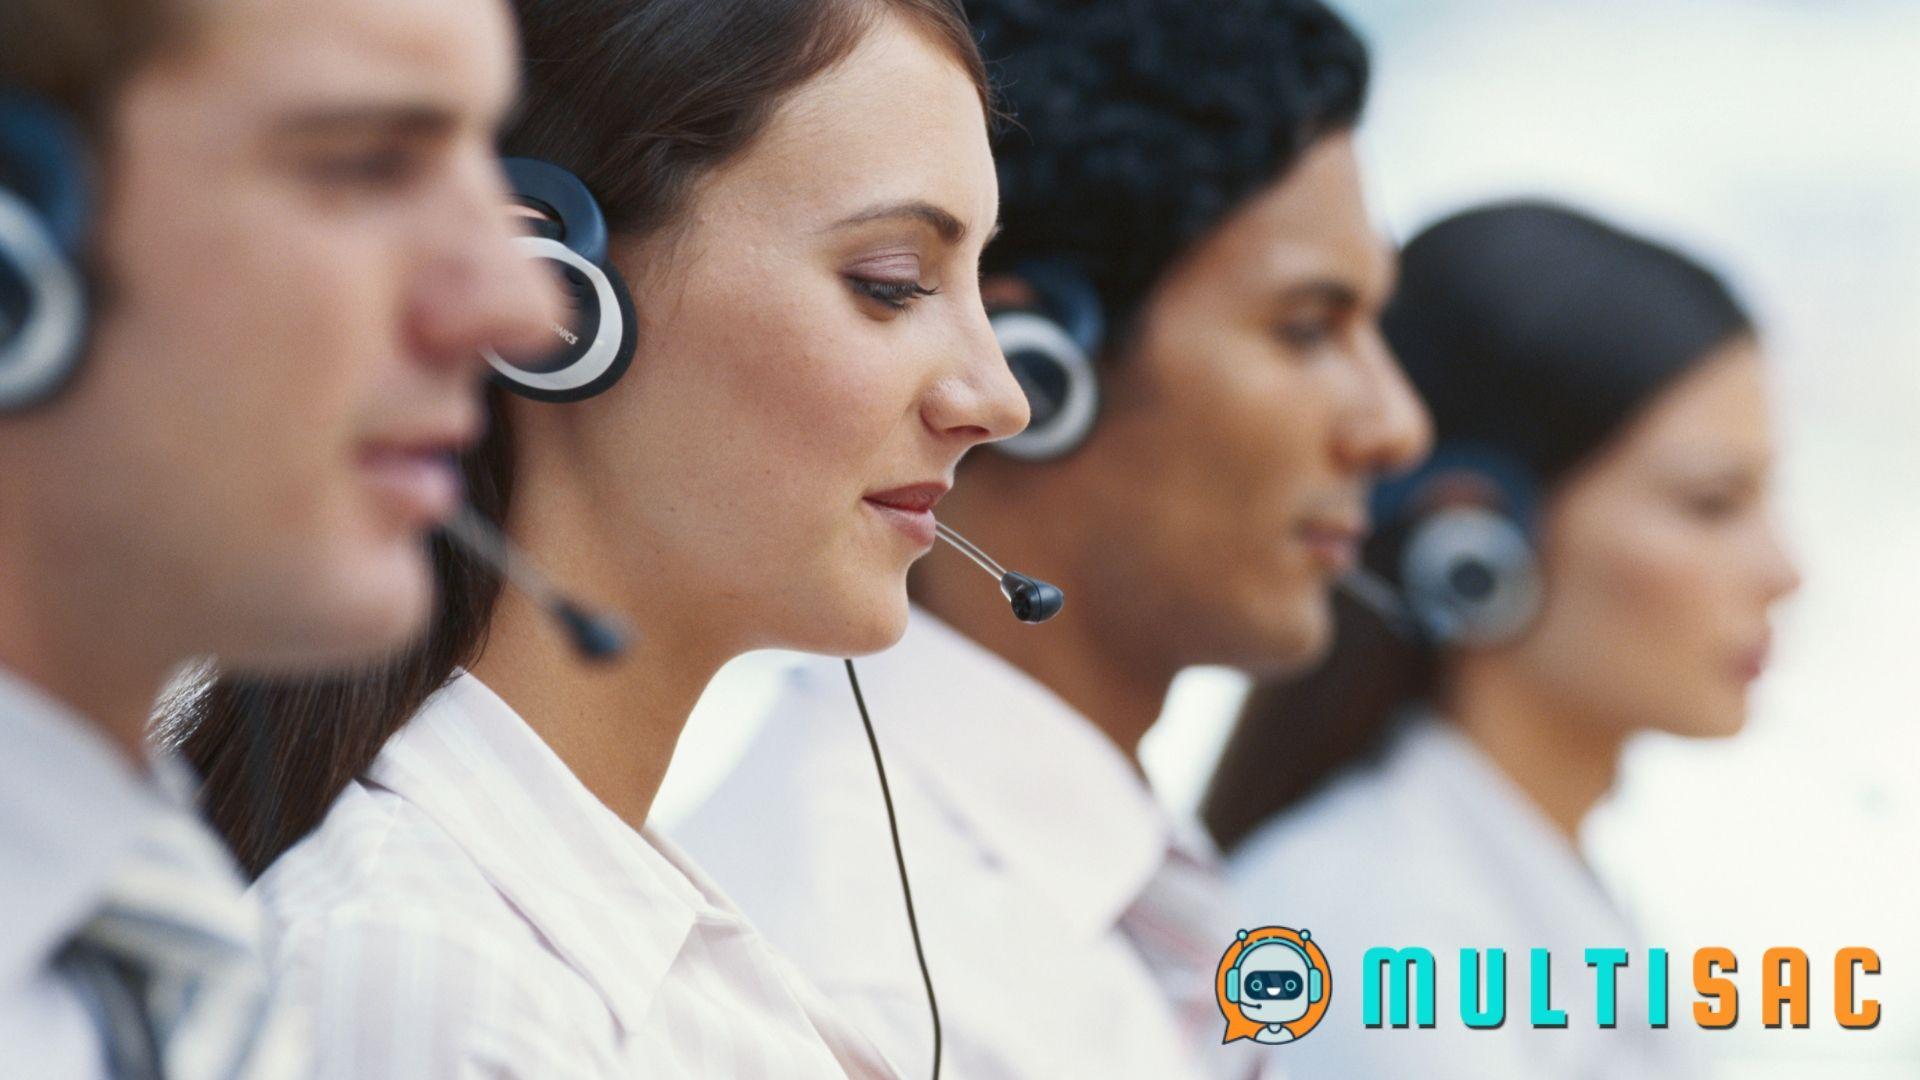 AutoAtendimento no whatsapp - mais vendas recorrentes e fidelização de clientes